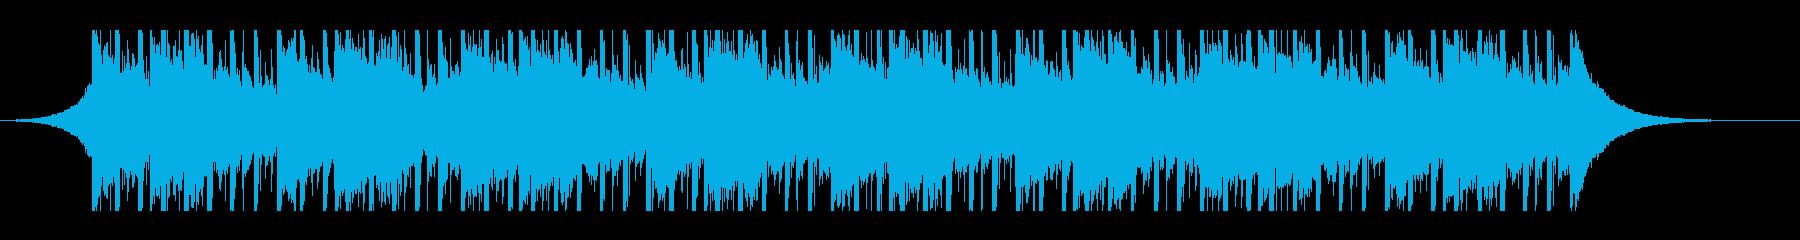 コーポレートインテリジェンス(40秒)の再生済みの波形